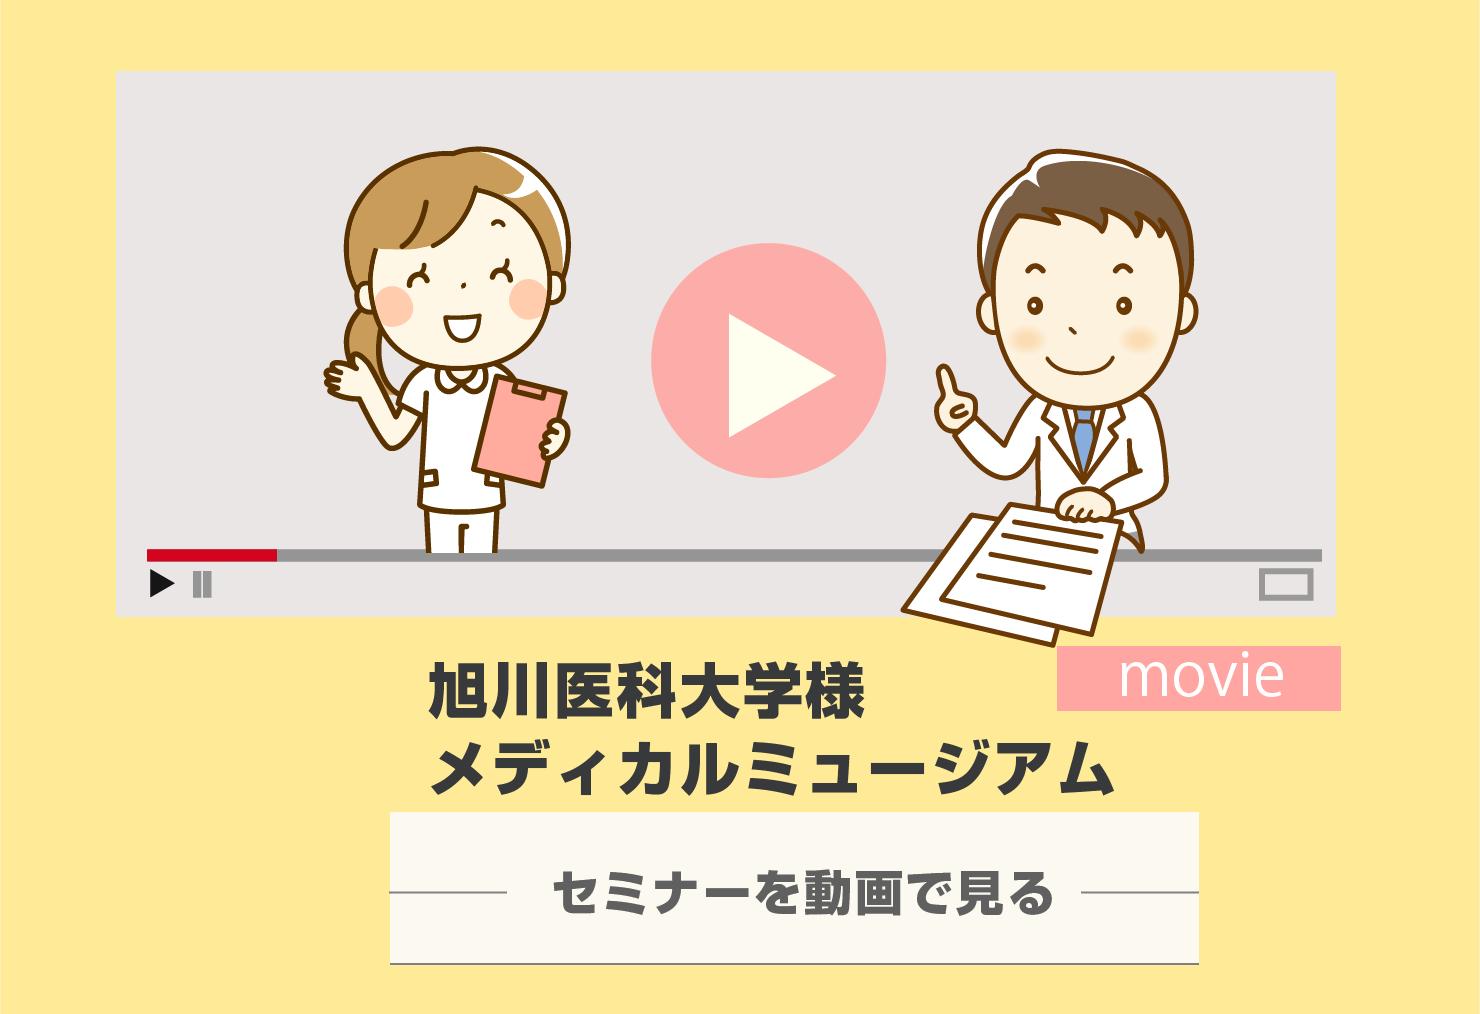 セミナーを動画で見る(旭川医科大学様開催)